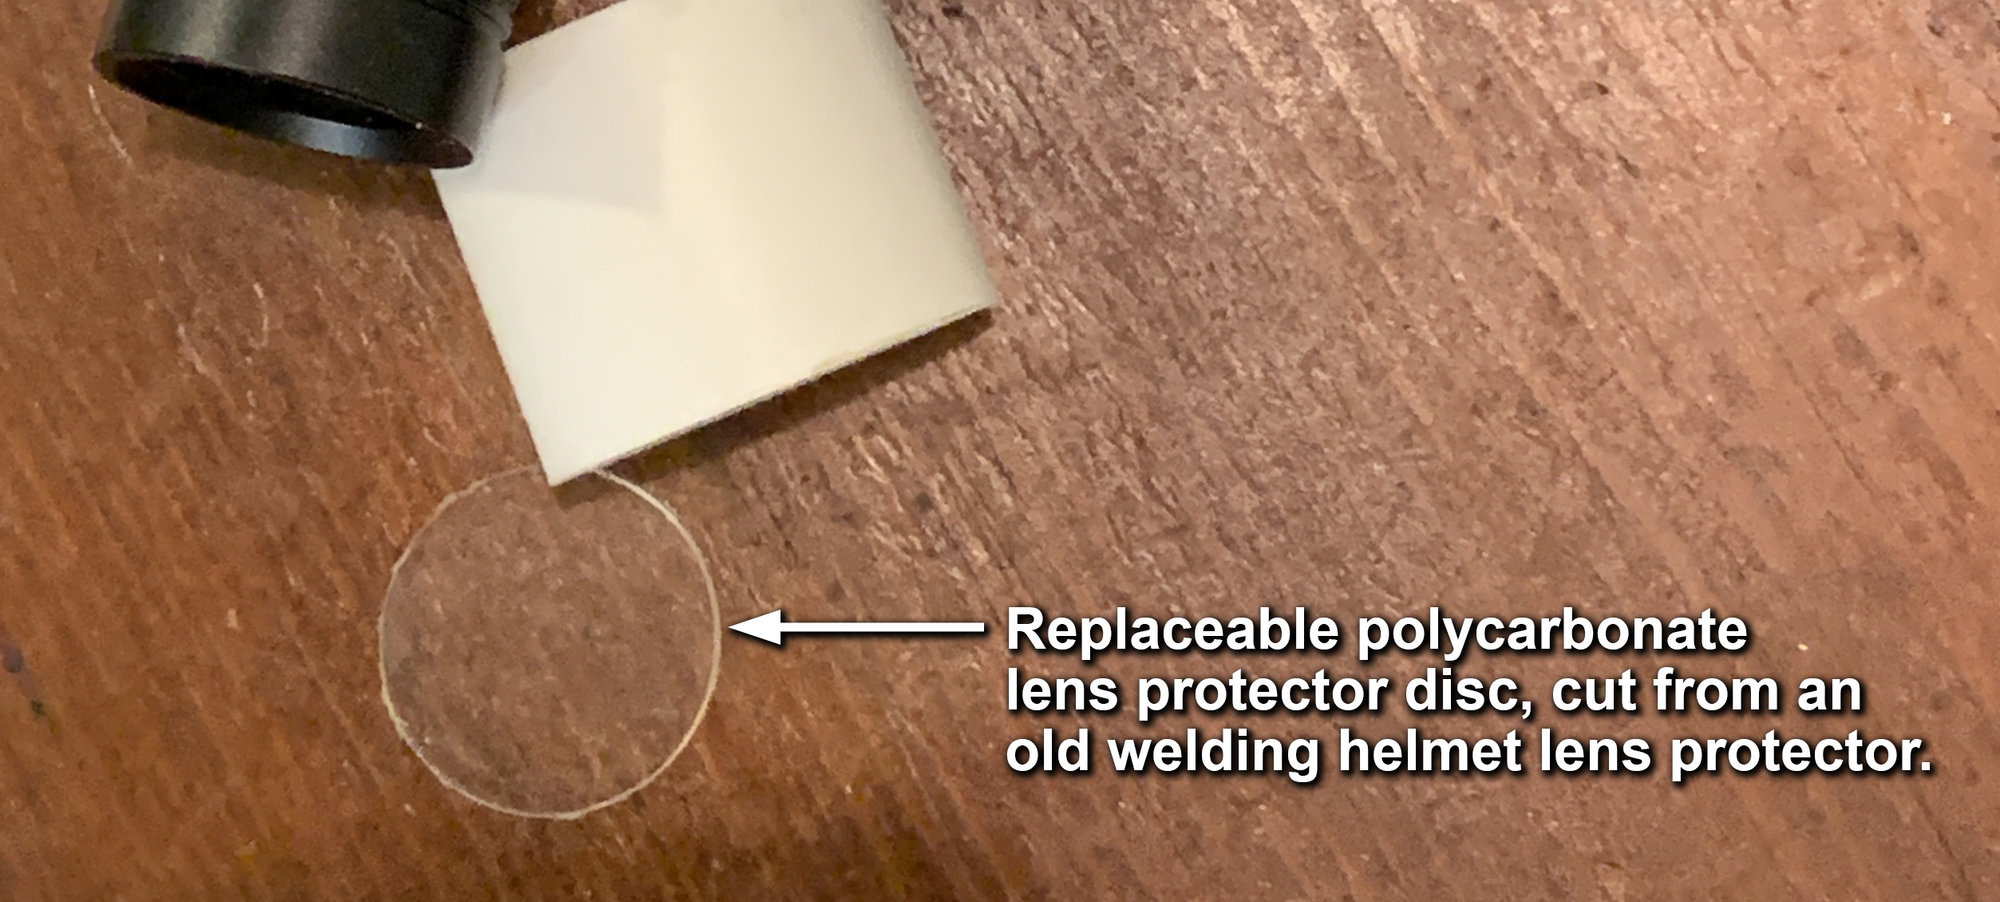 welding-light-lens-protector.jpg